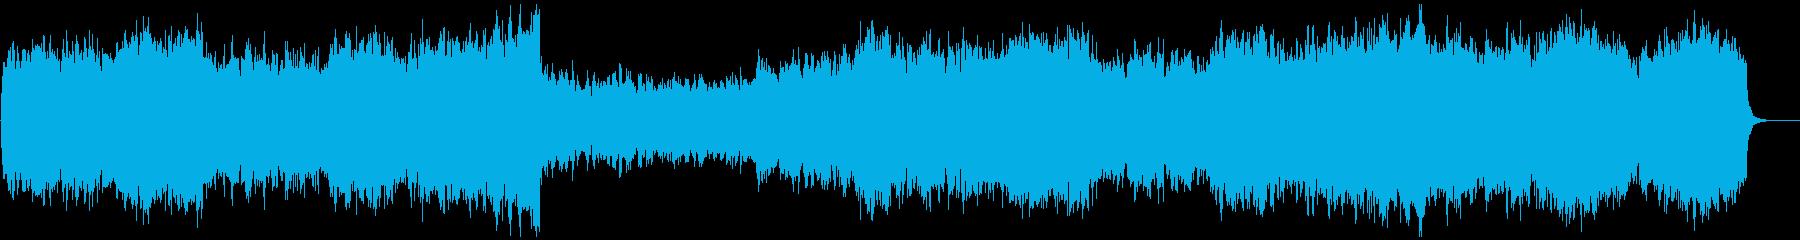 ゲームのラスボス登場風の暗く重々しい曲の再生済みの波形